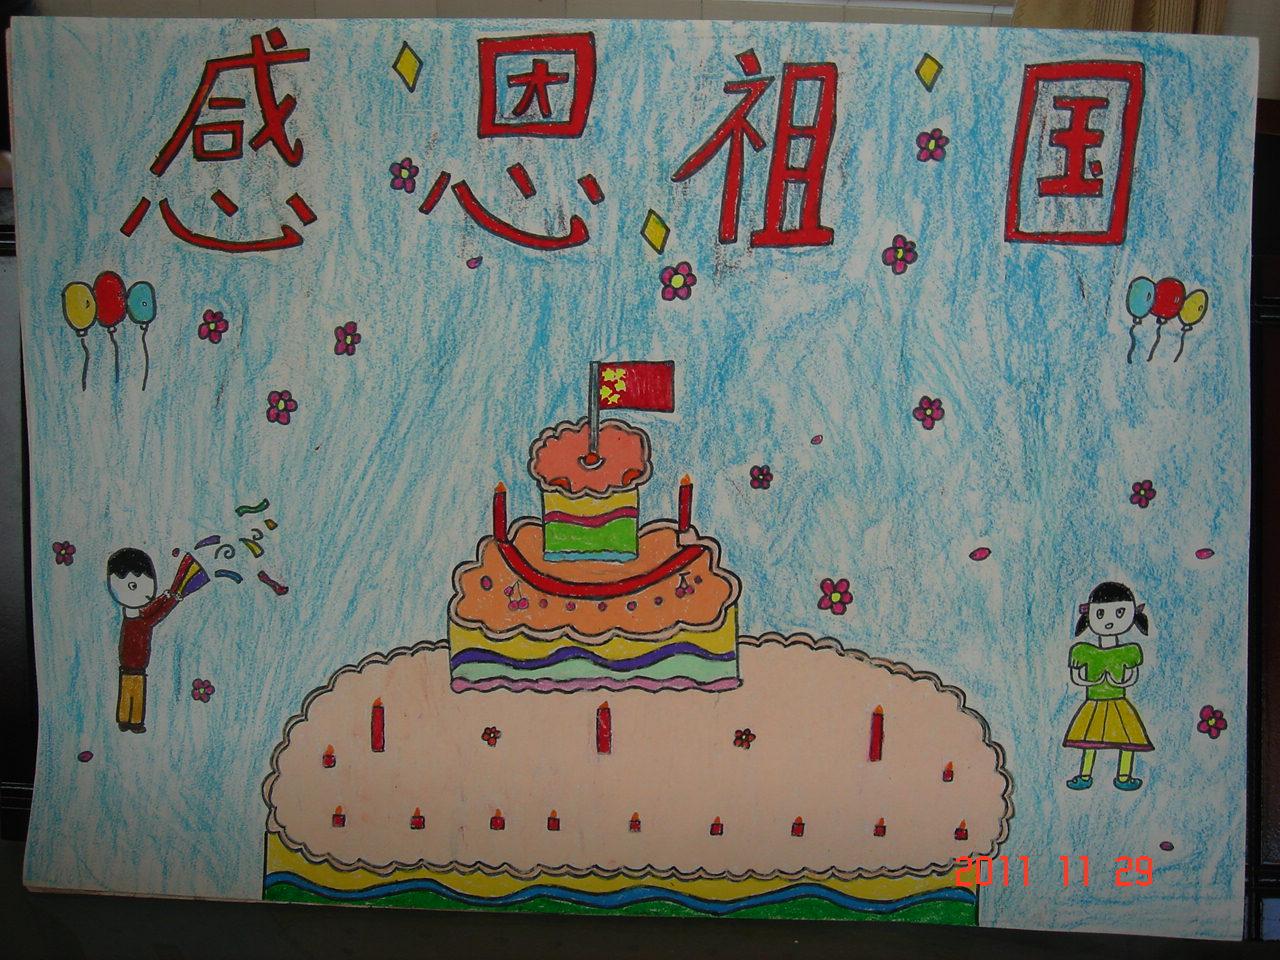 二年级小学生画画大全,1一6年级画画图片大全,二年级画画简单又漂亮